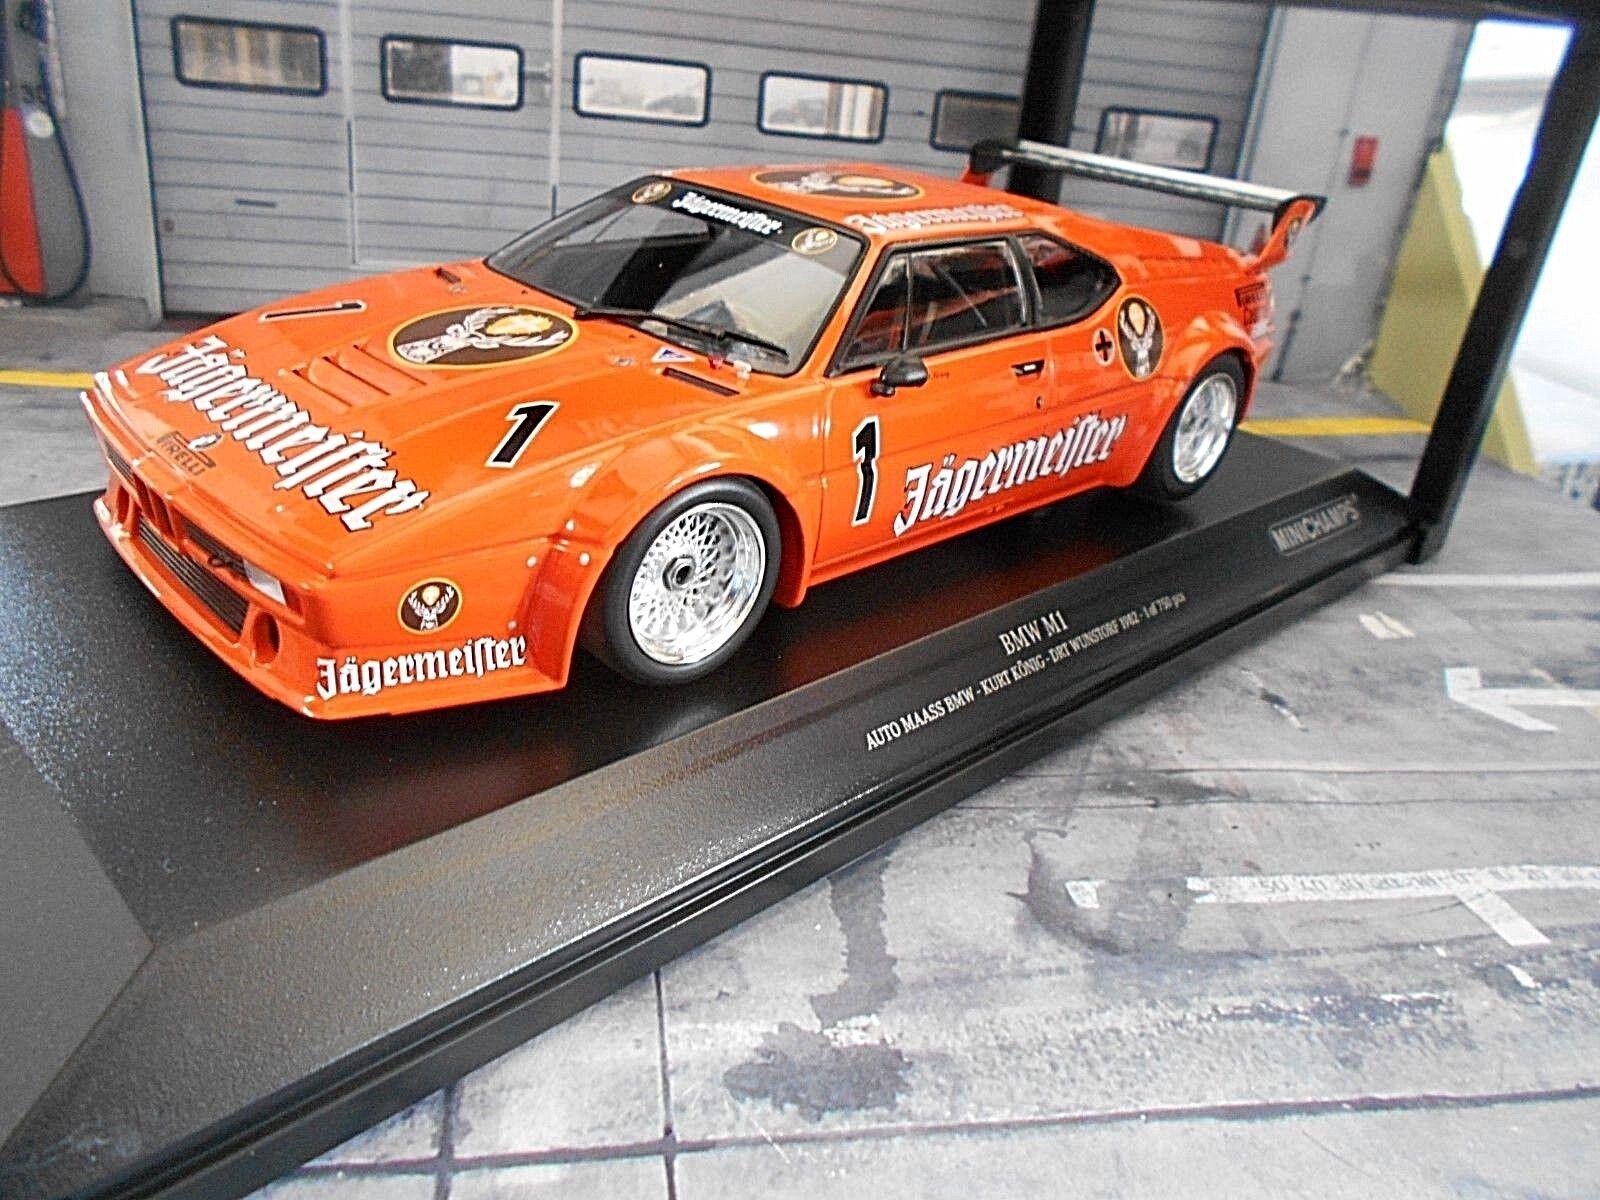 Bmw m1 e26 DRM wunstdorf 1982 Kurt König Jägermeister Minichamps 1 18